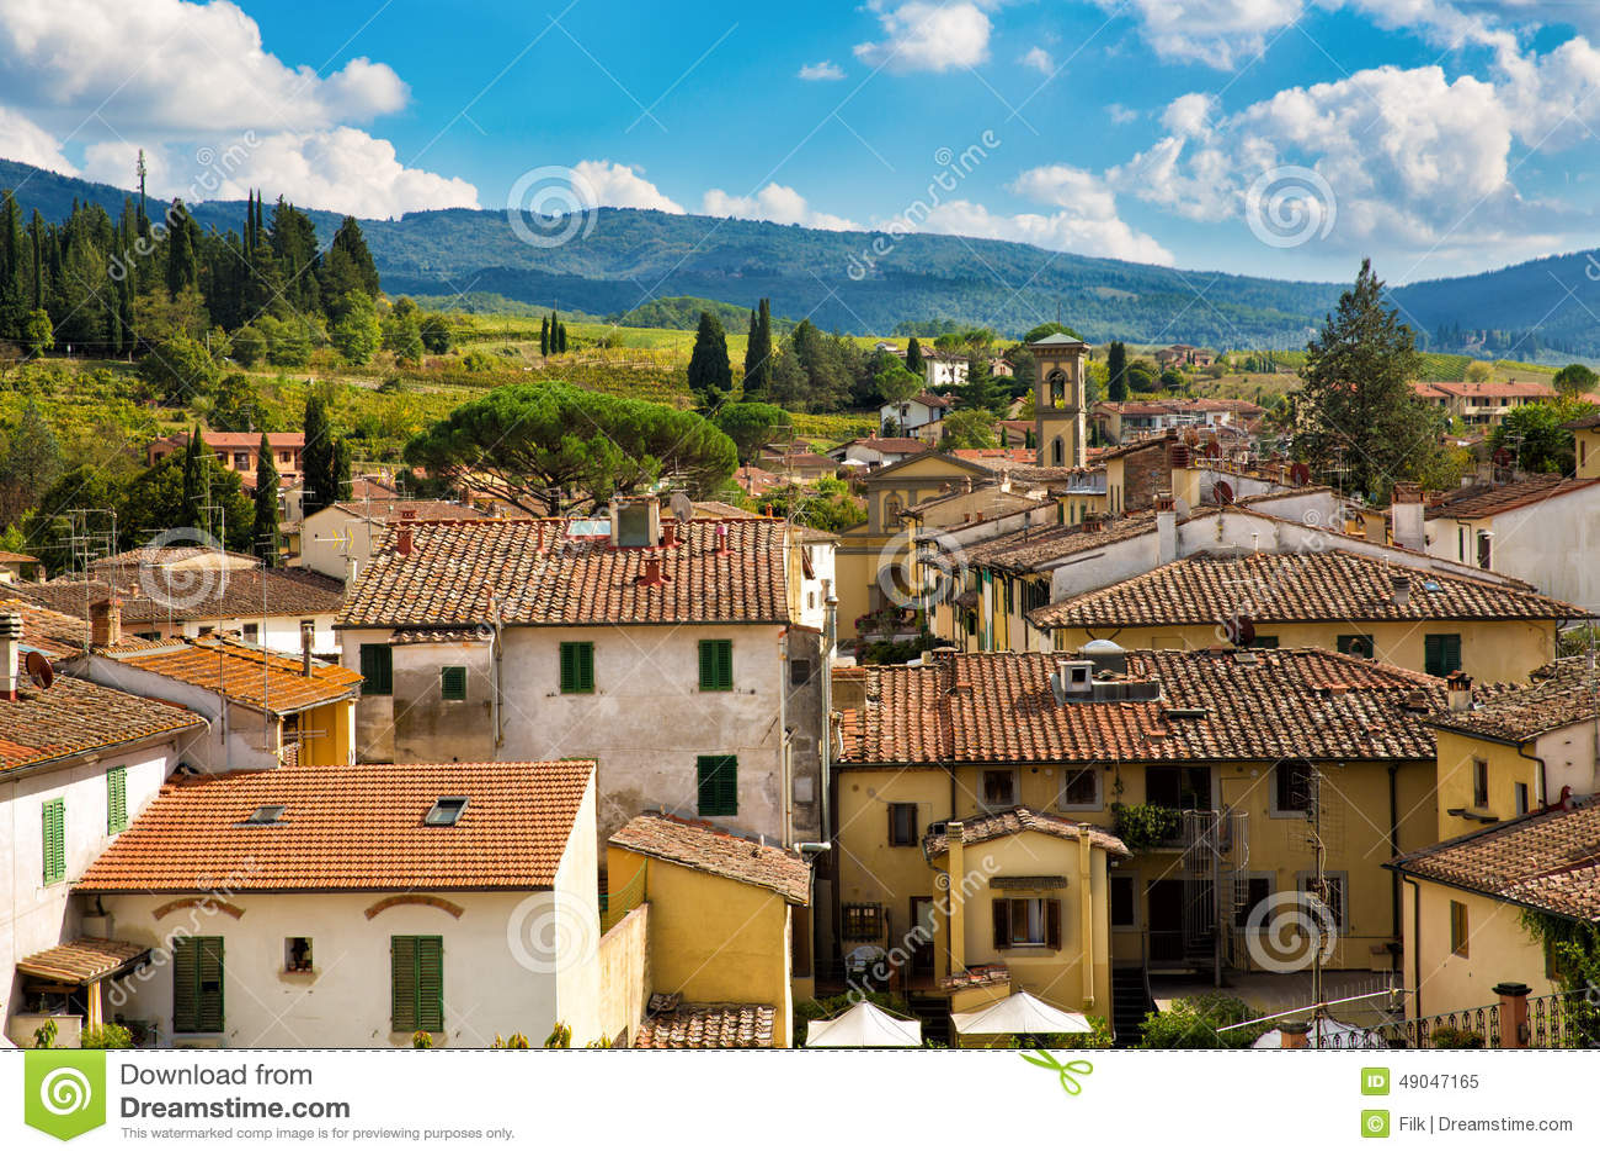 Greve in Chianti cityscape